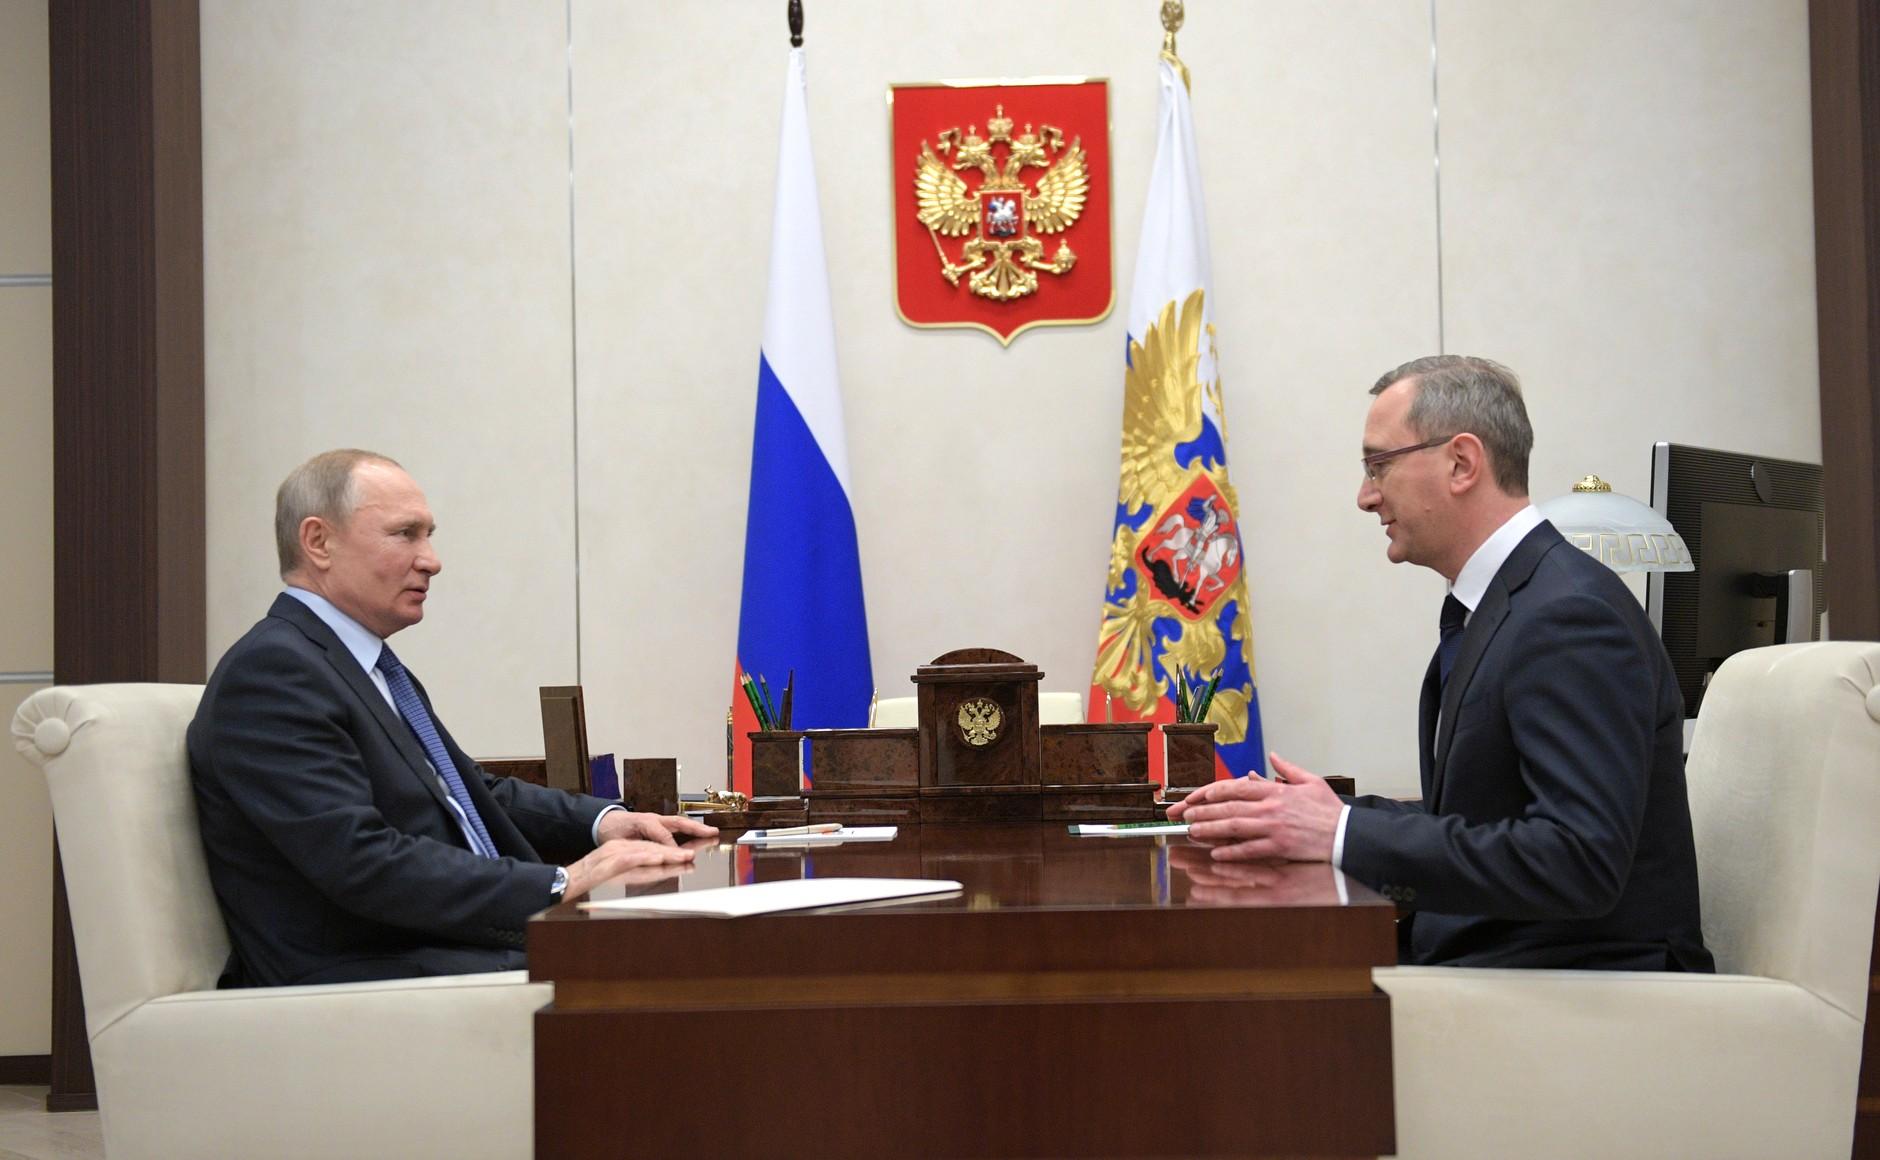 Встреча Владимира Путина и Владислава Шапши 13 февраля.